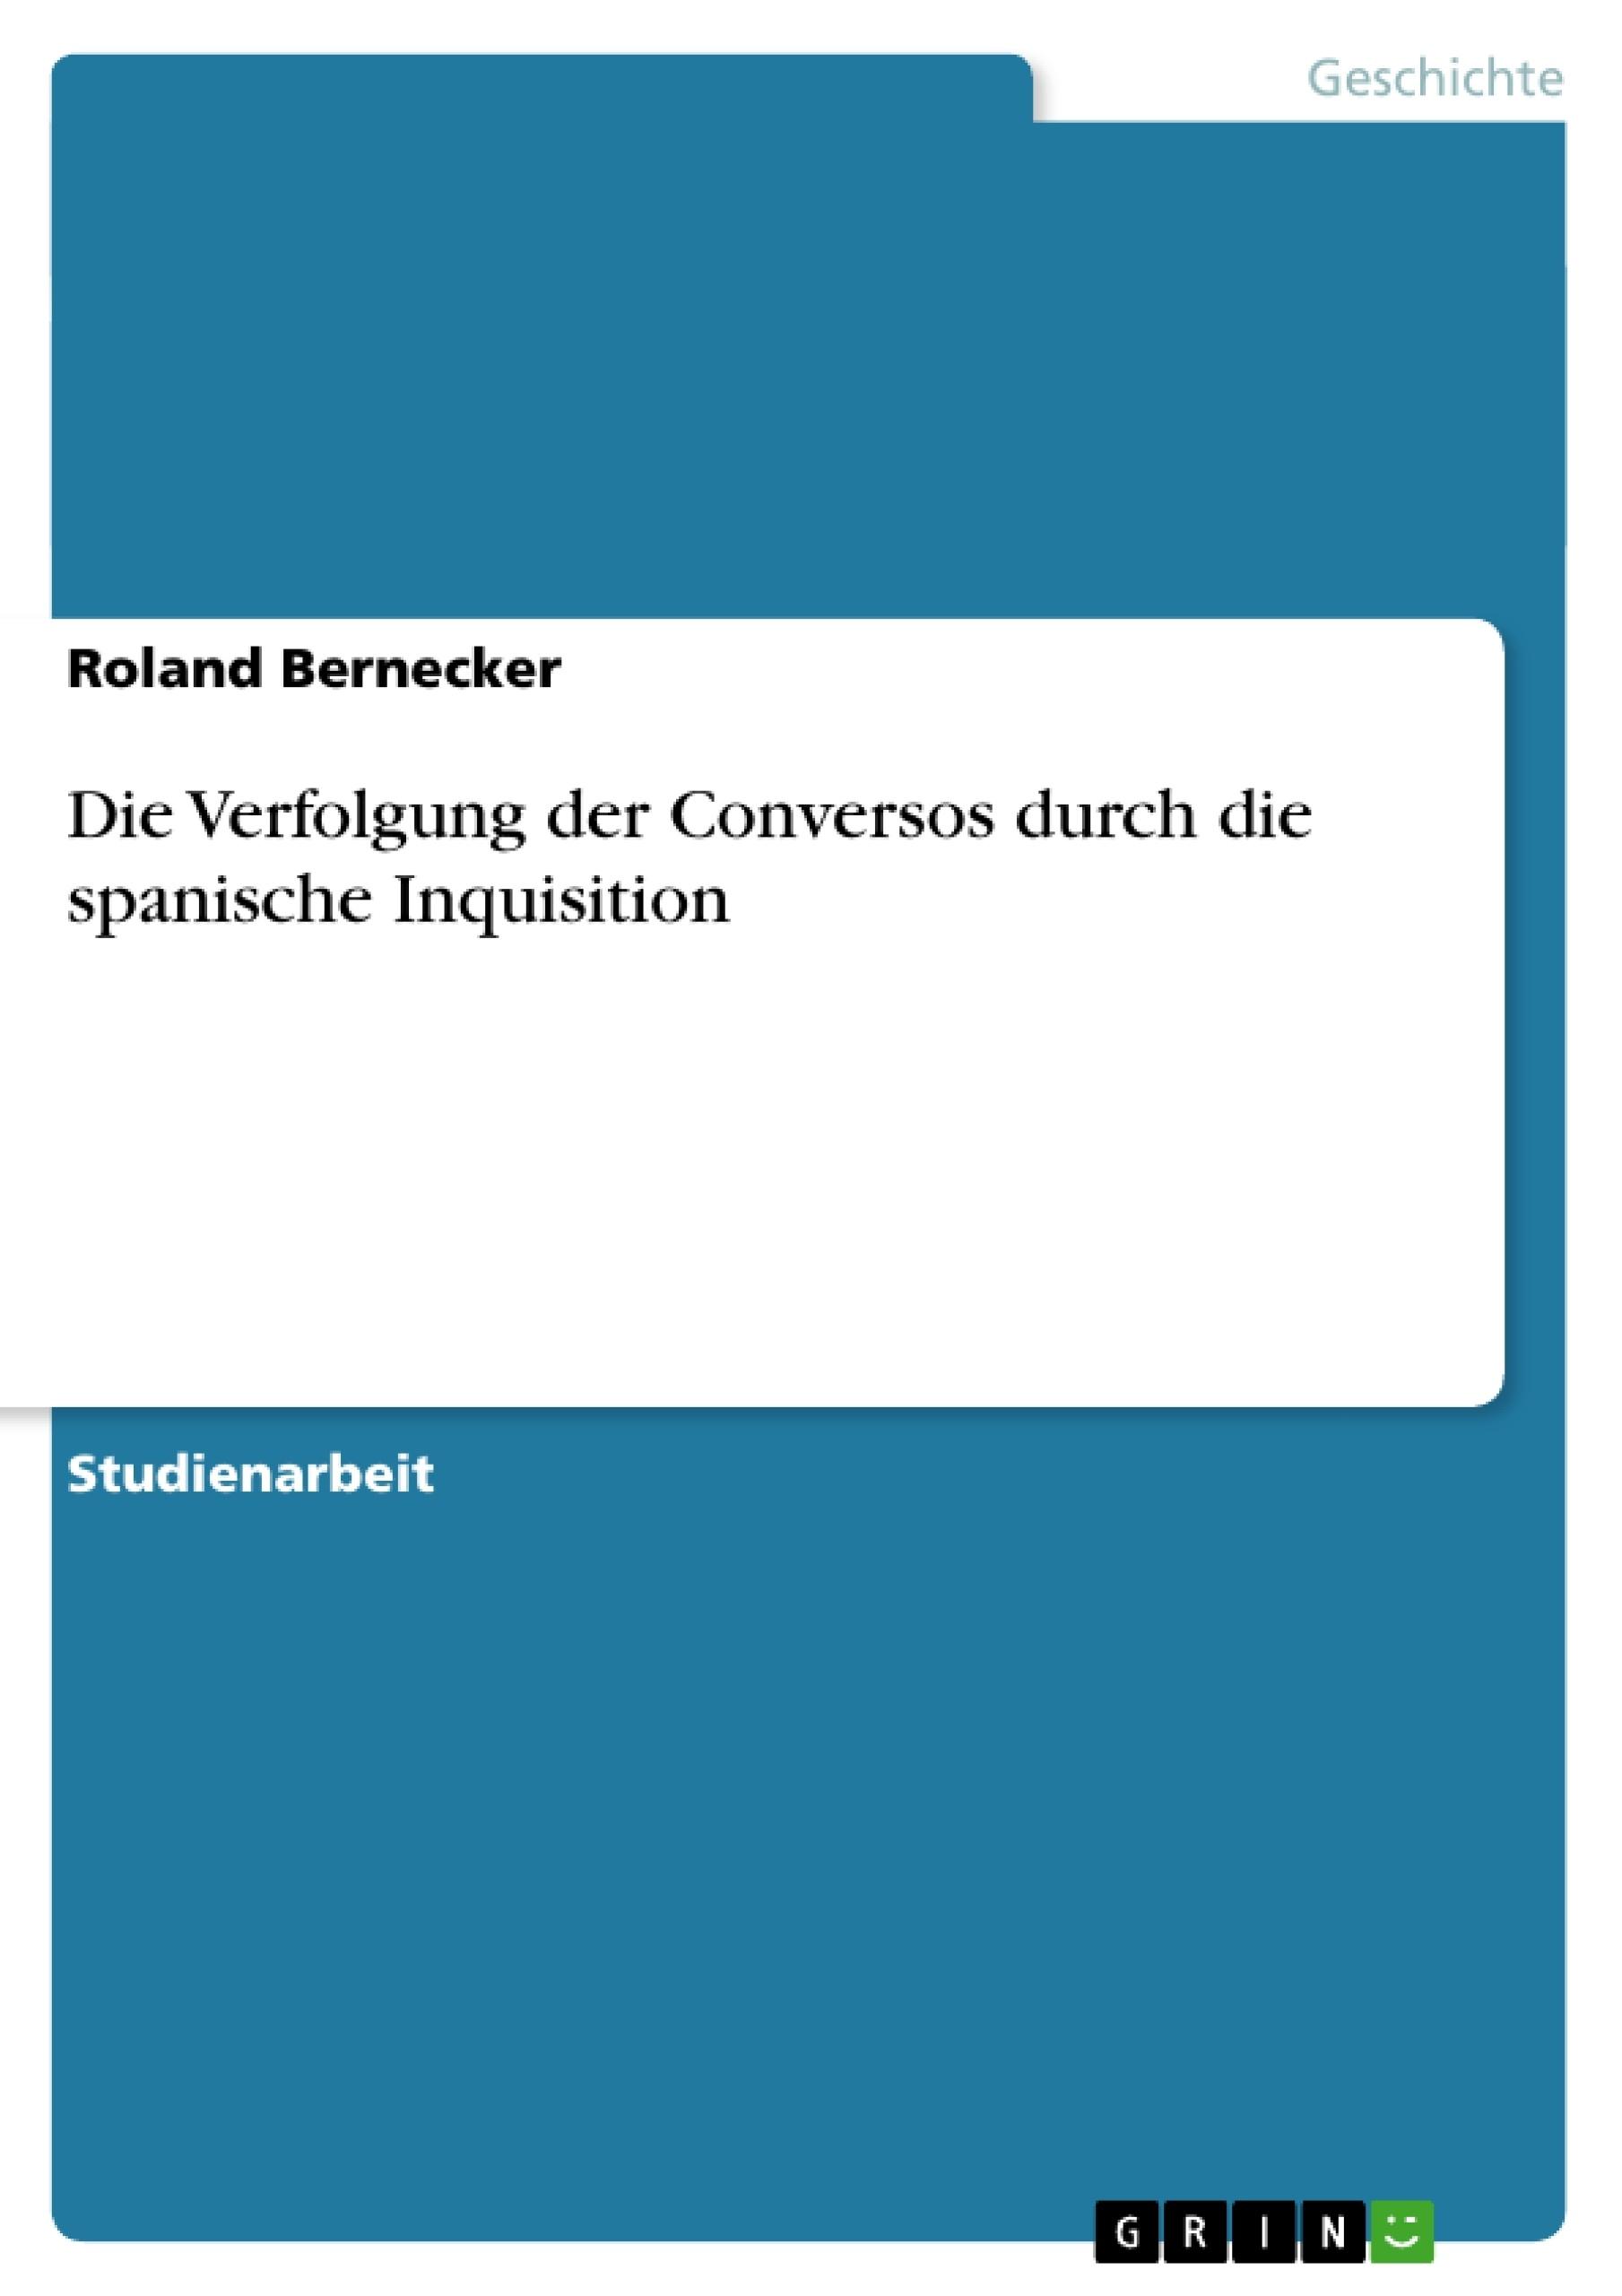 Titel: Die Verfolgung der Conversos durch die spanische Inquisition